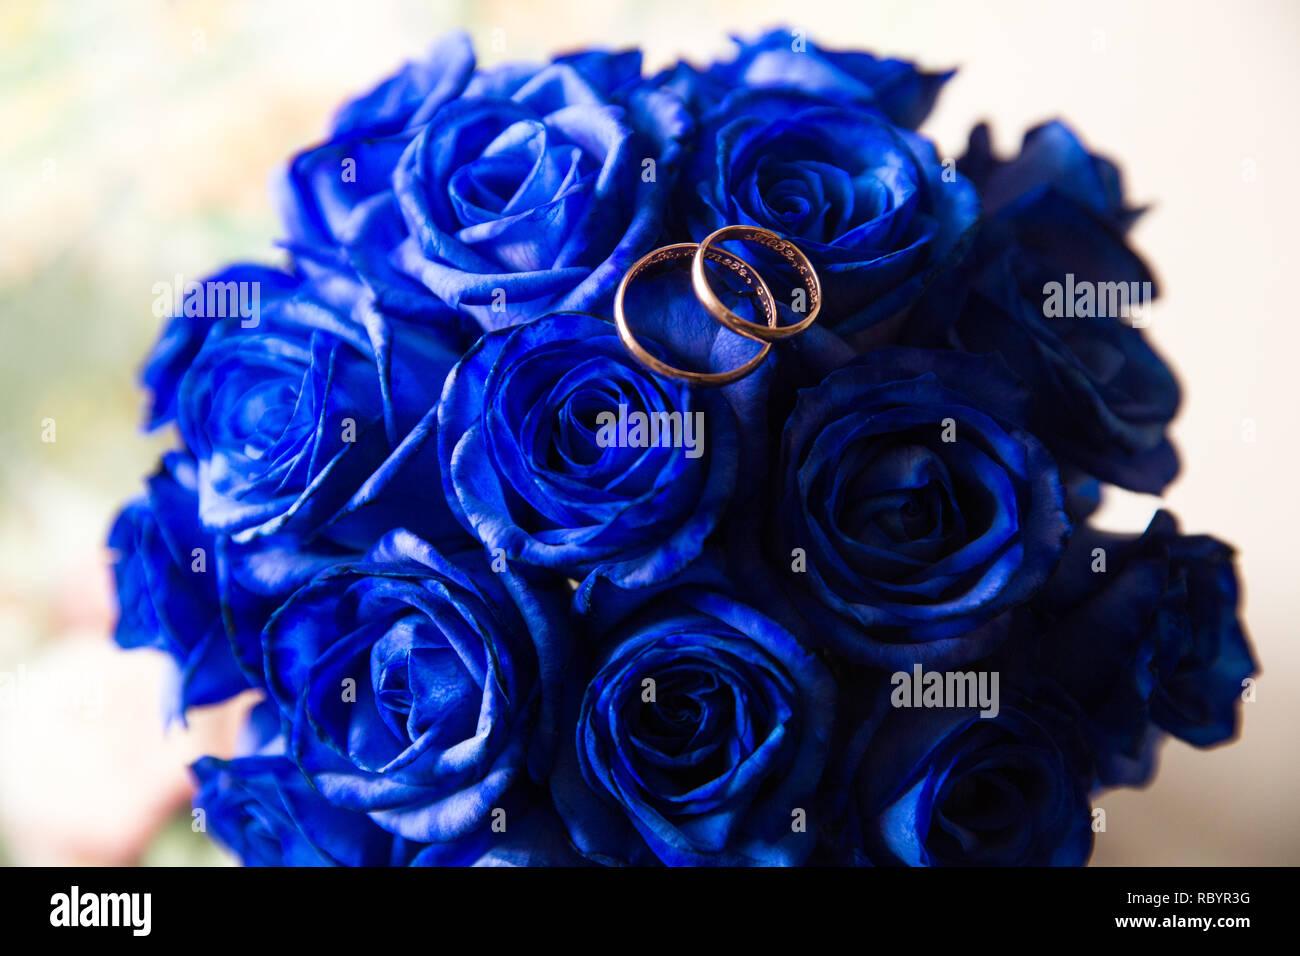 Une Paire De Bagues De Mariage Sur Un Bouquet De Fleurs